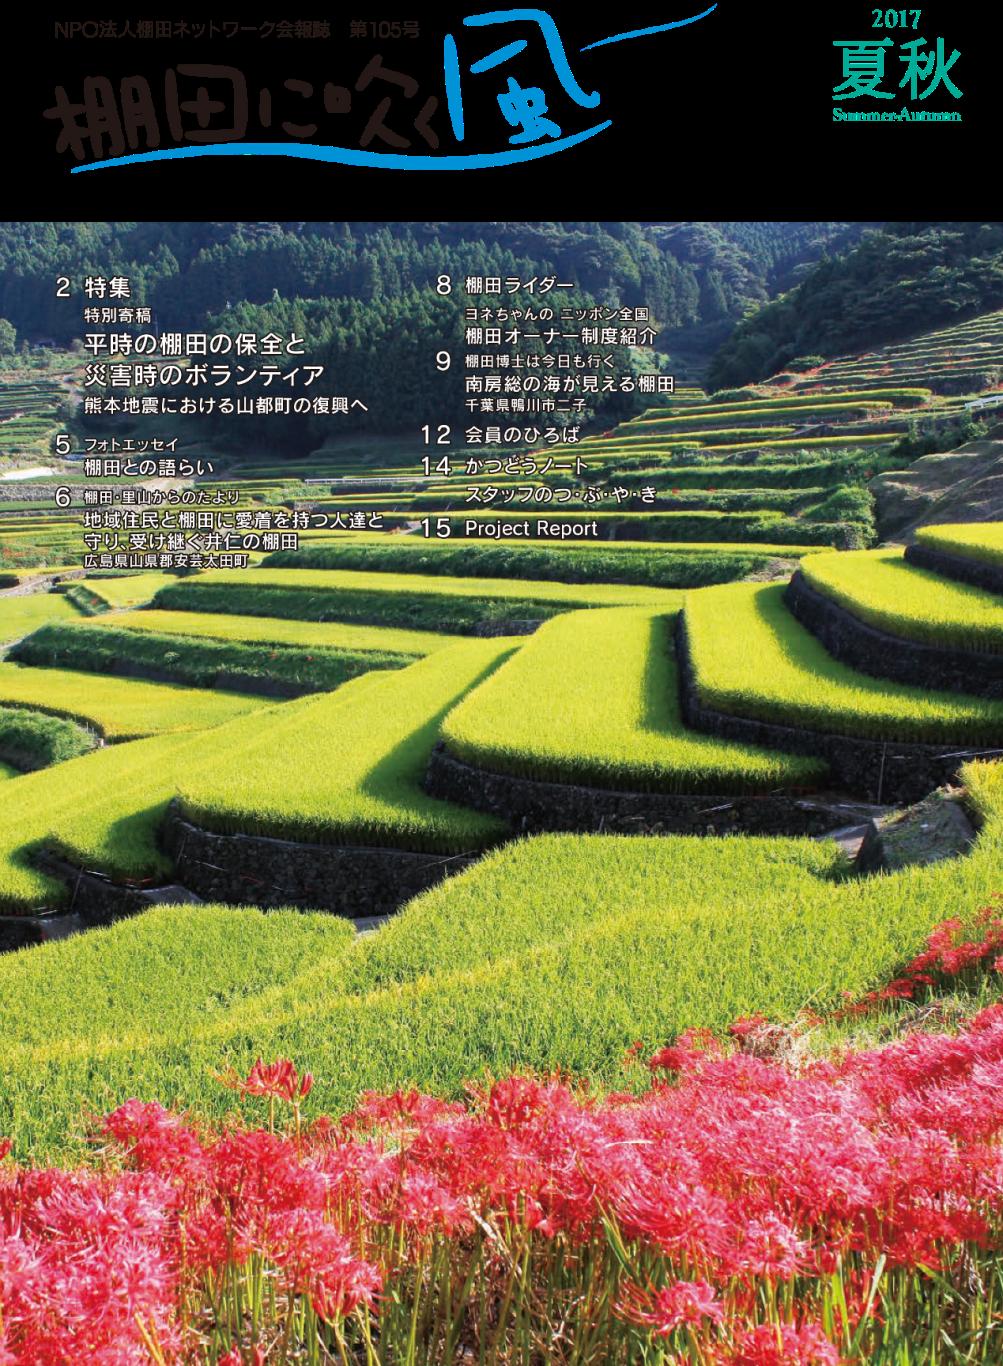 【会報誌】「棚田に吹く風」夏秋号を発行しました。